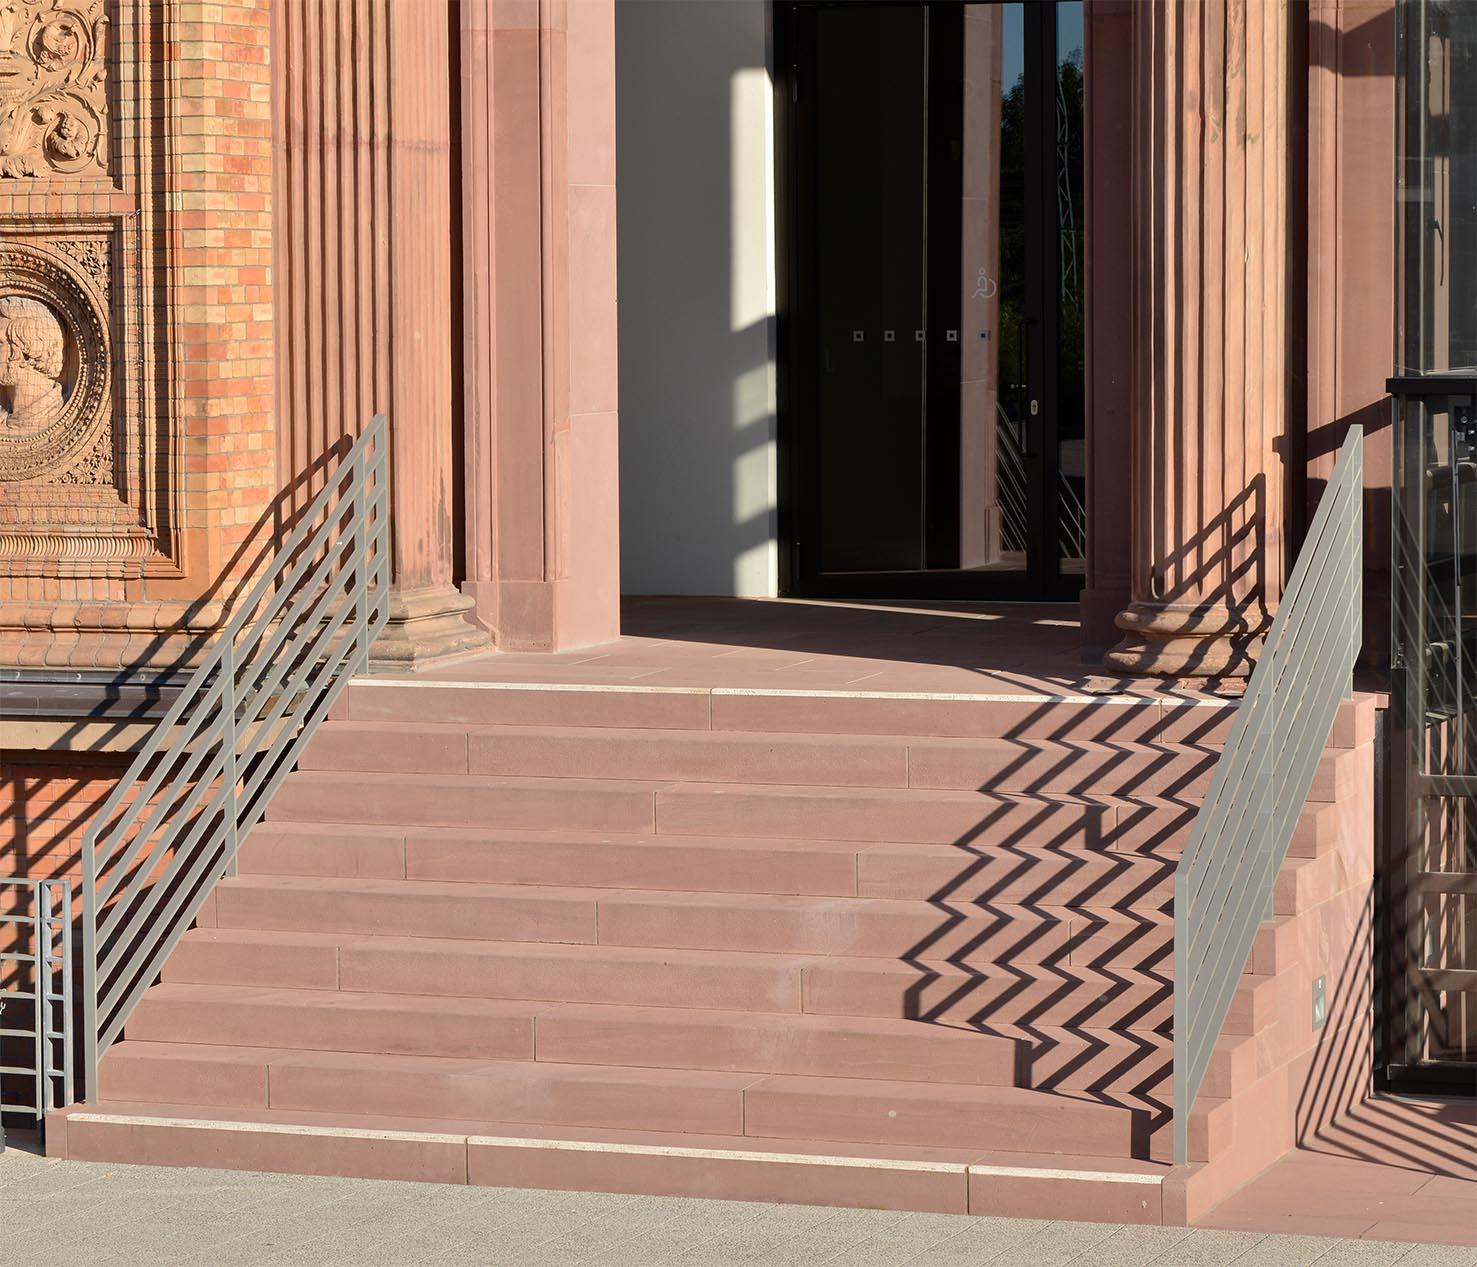 Kunsthalle Hamburg Blockstufen Treppenanlage Mainsandstein sandgestrahlt Aufmerksamkeitsstreifen Signalsteifen